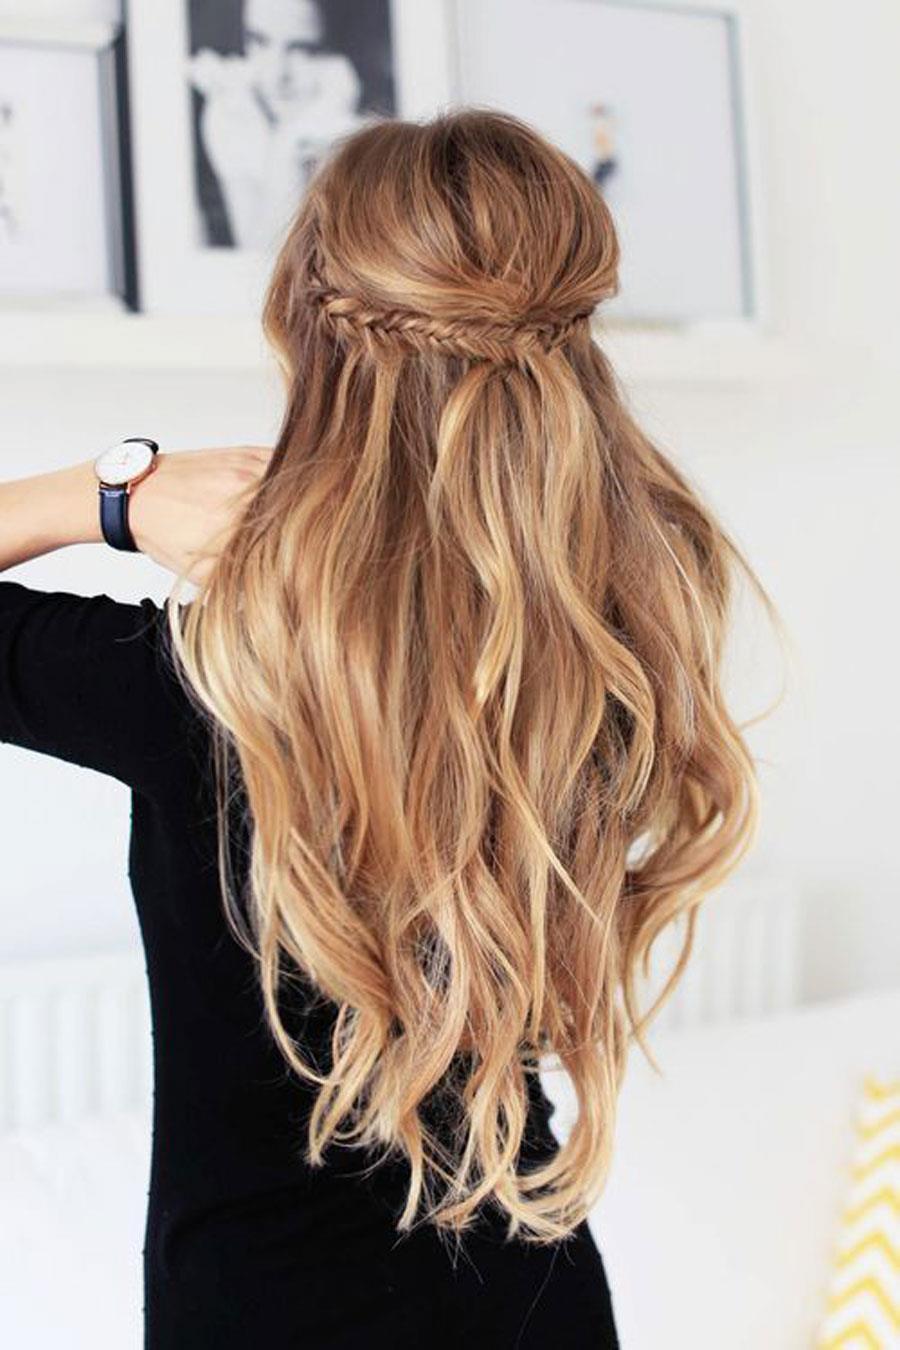 Peinados Faciles Y Rapidos 2019 40 Ideas Para Pelo Corto Y Largo